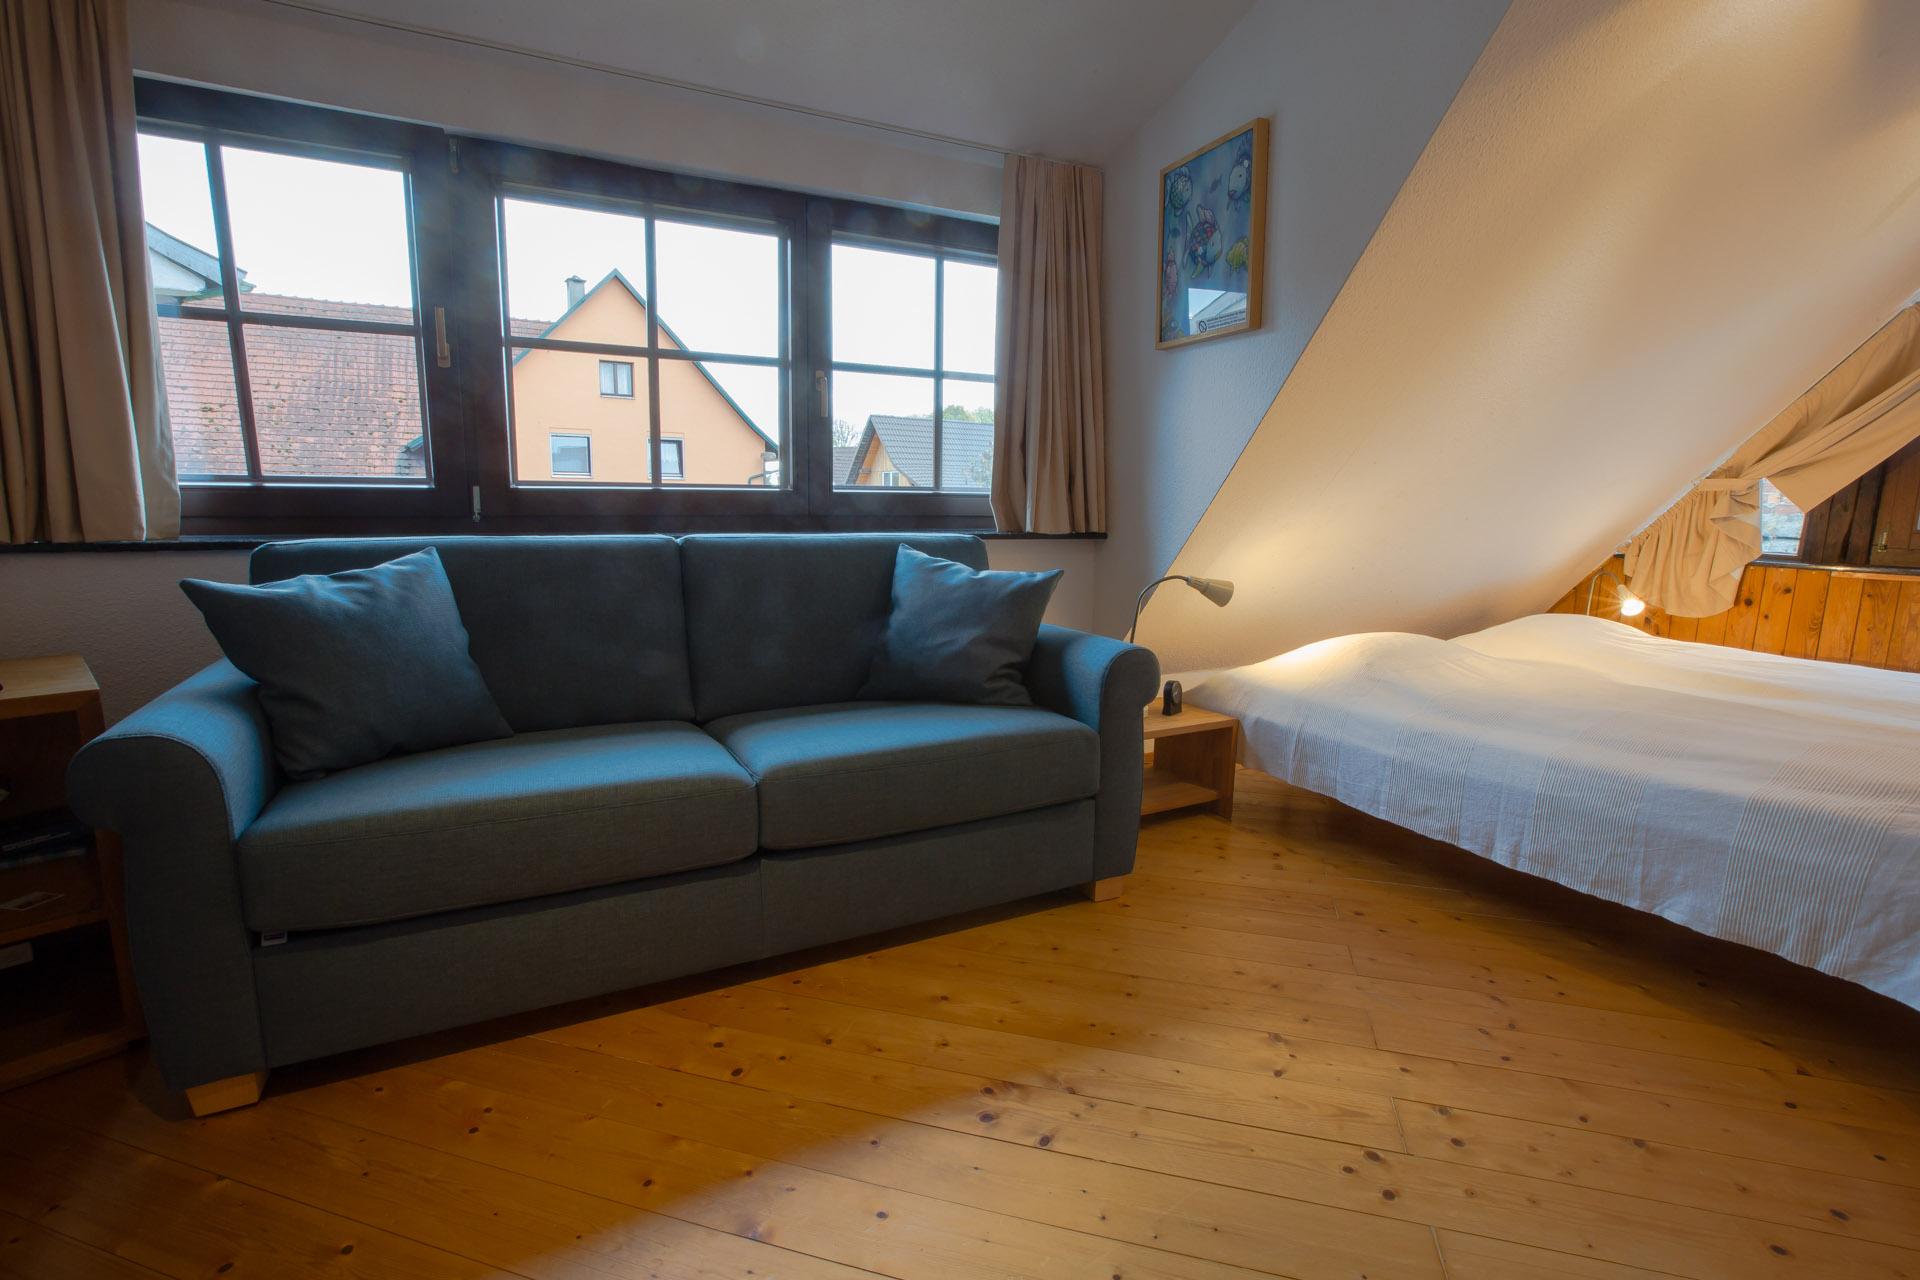 ... Schlafzimmer Bzw. Kinderzimmer Mit 2 Einzelbetten Und Schlafsofa (140  Cm Breit) Für Insgesamt ...